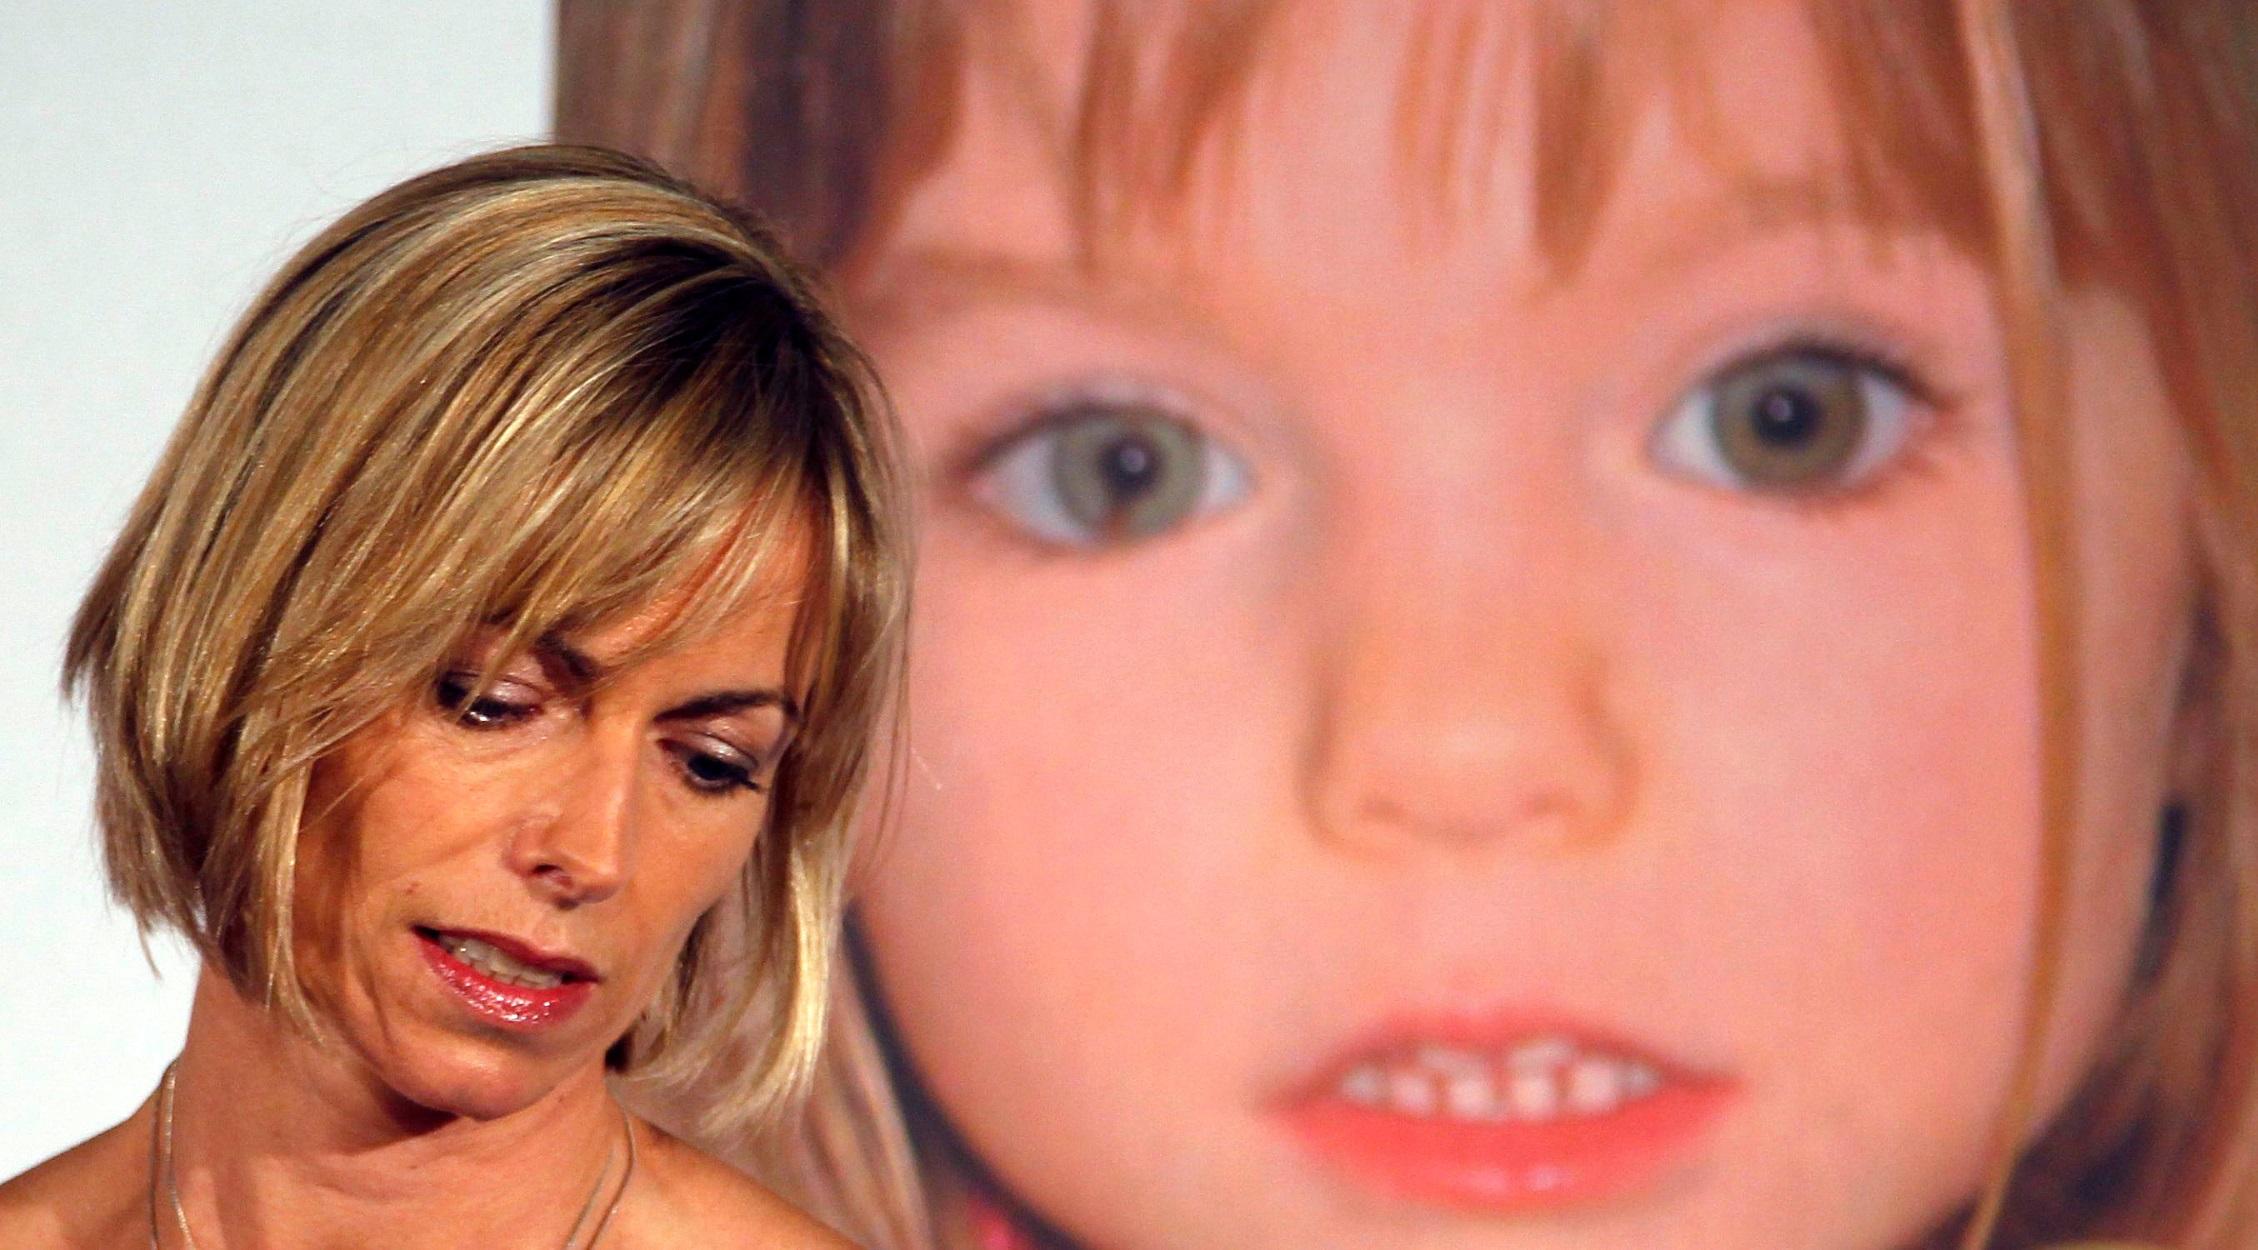 Μαντλίν ΜακΚάν: Ξέρουν το σημείο όπου θάφτηκε